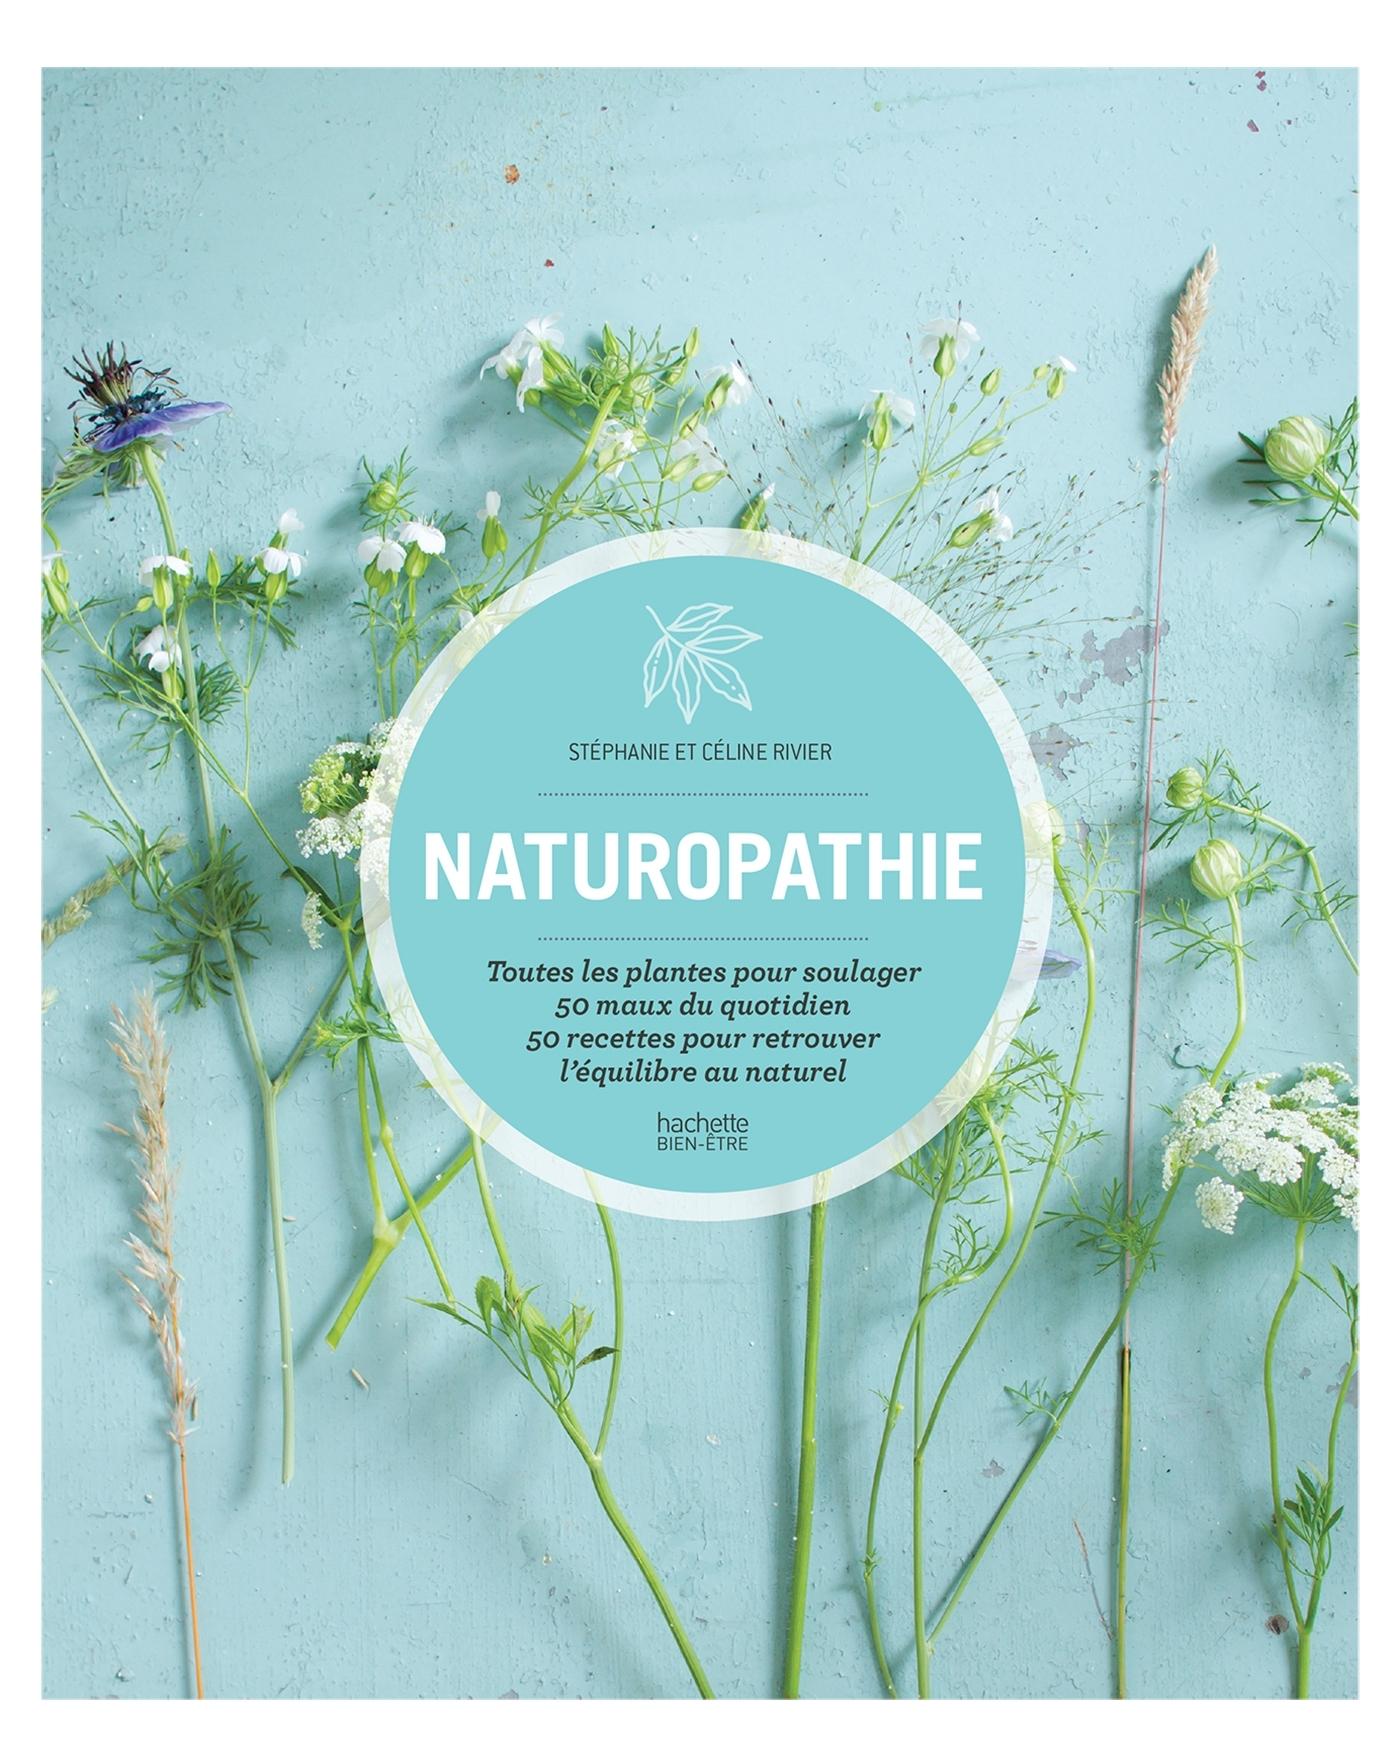 NATUROPATHIE - TOUTES LES PLANTES POUR SOULAGER 50 MAUX DU QUOTIDIEN 50 RECETTES POUR RETROUVER L EQ